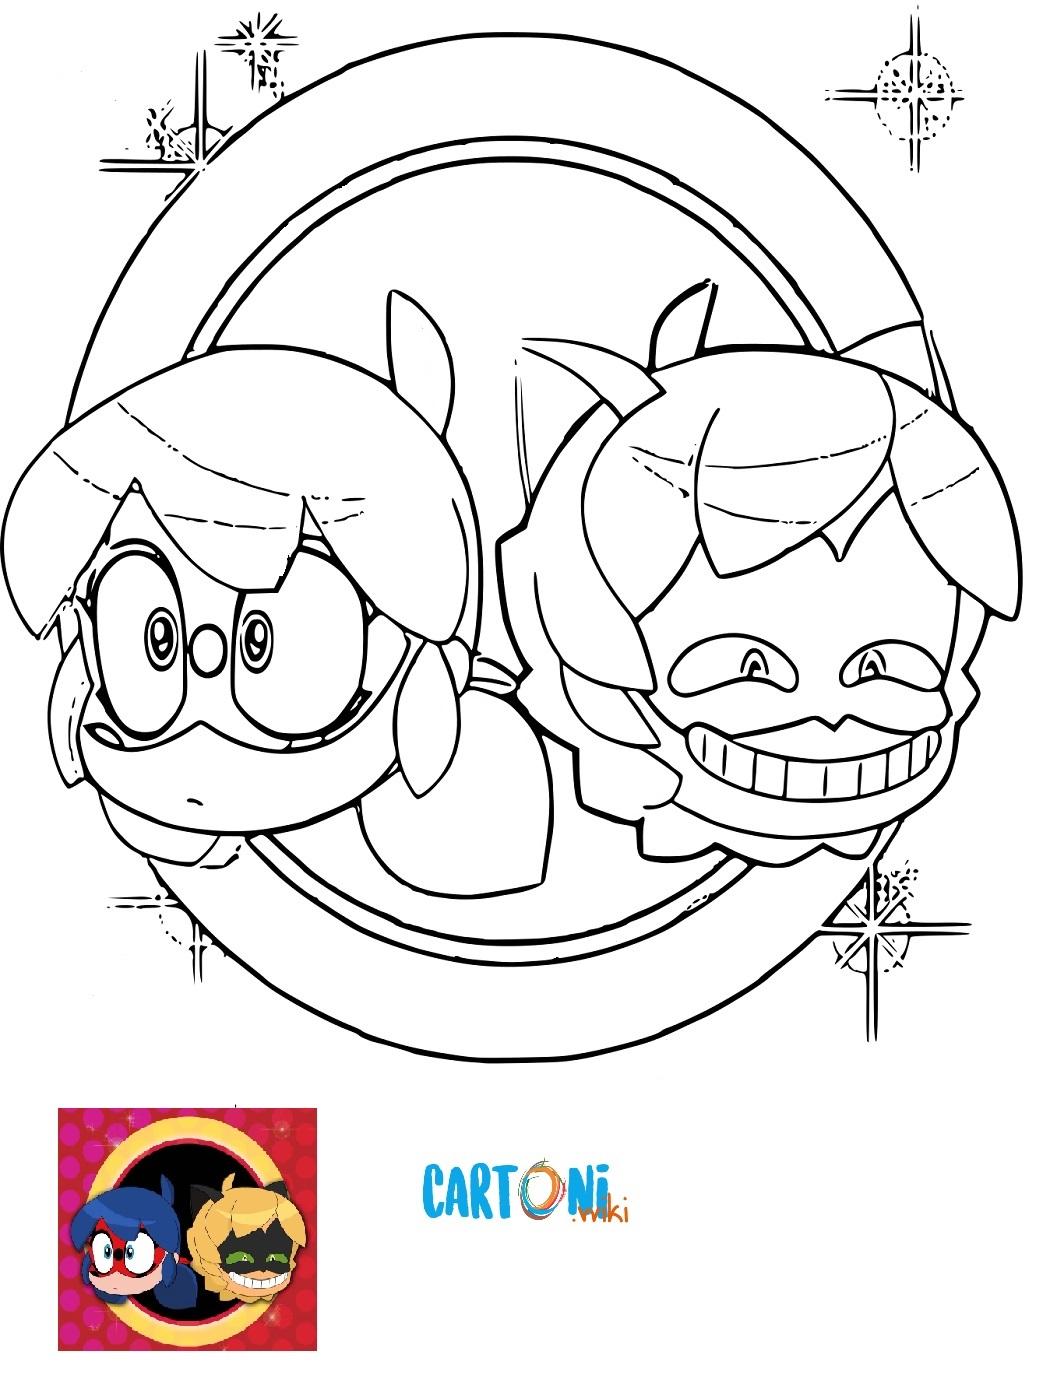 Miraculous - Le storie di Lady Bug e Chat Noir - Chibi Disegni da colorare - Cartoni animati